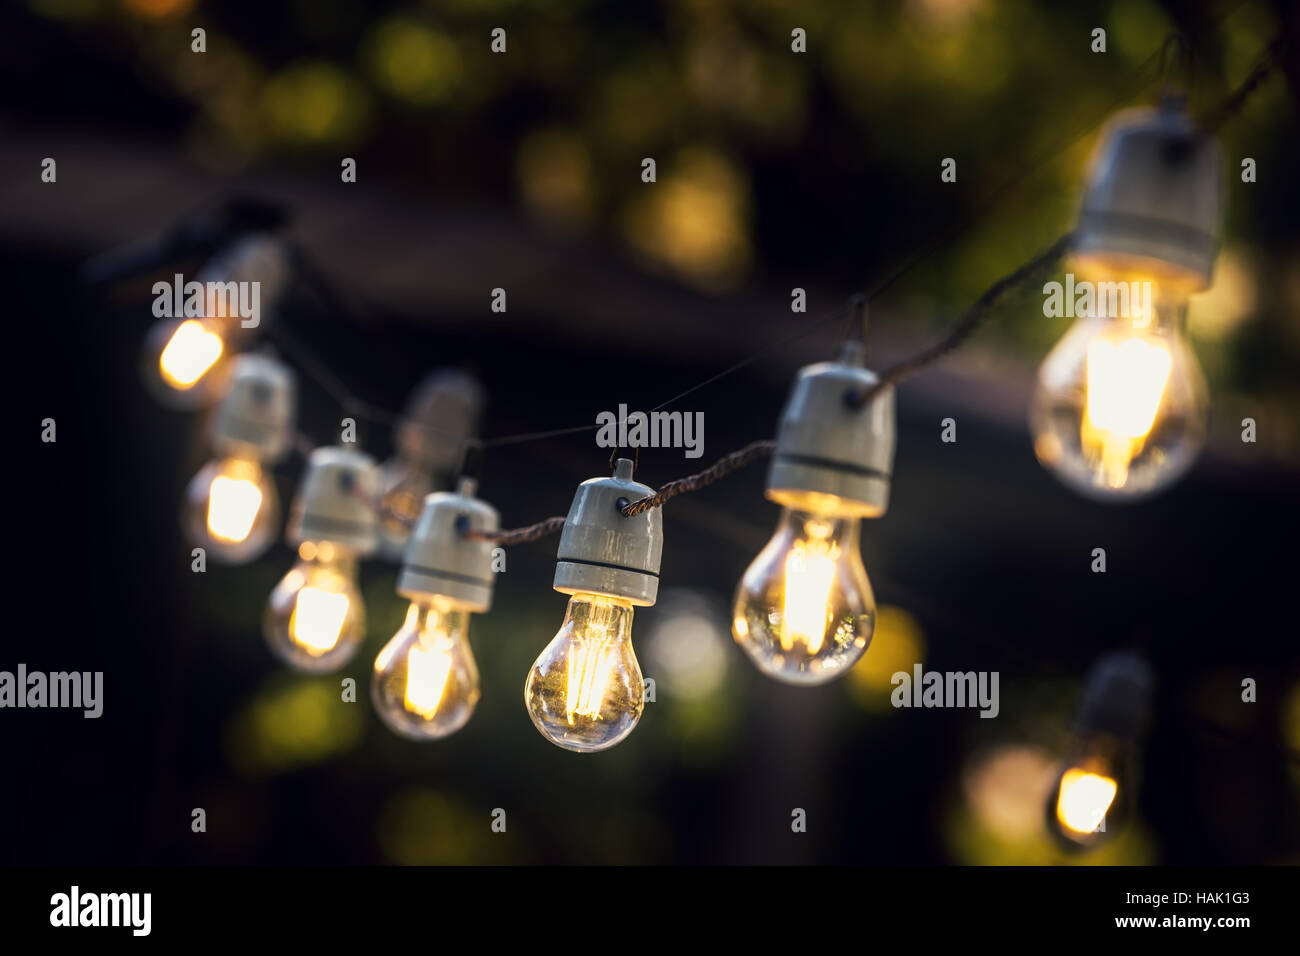 Festa delle luci di stringa appeso a una linea Immagini Stock